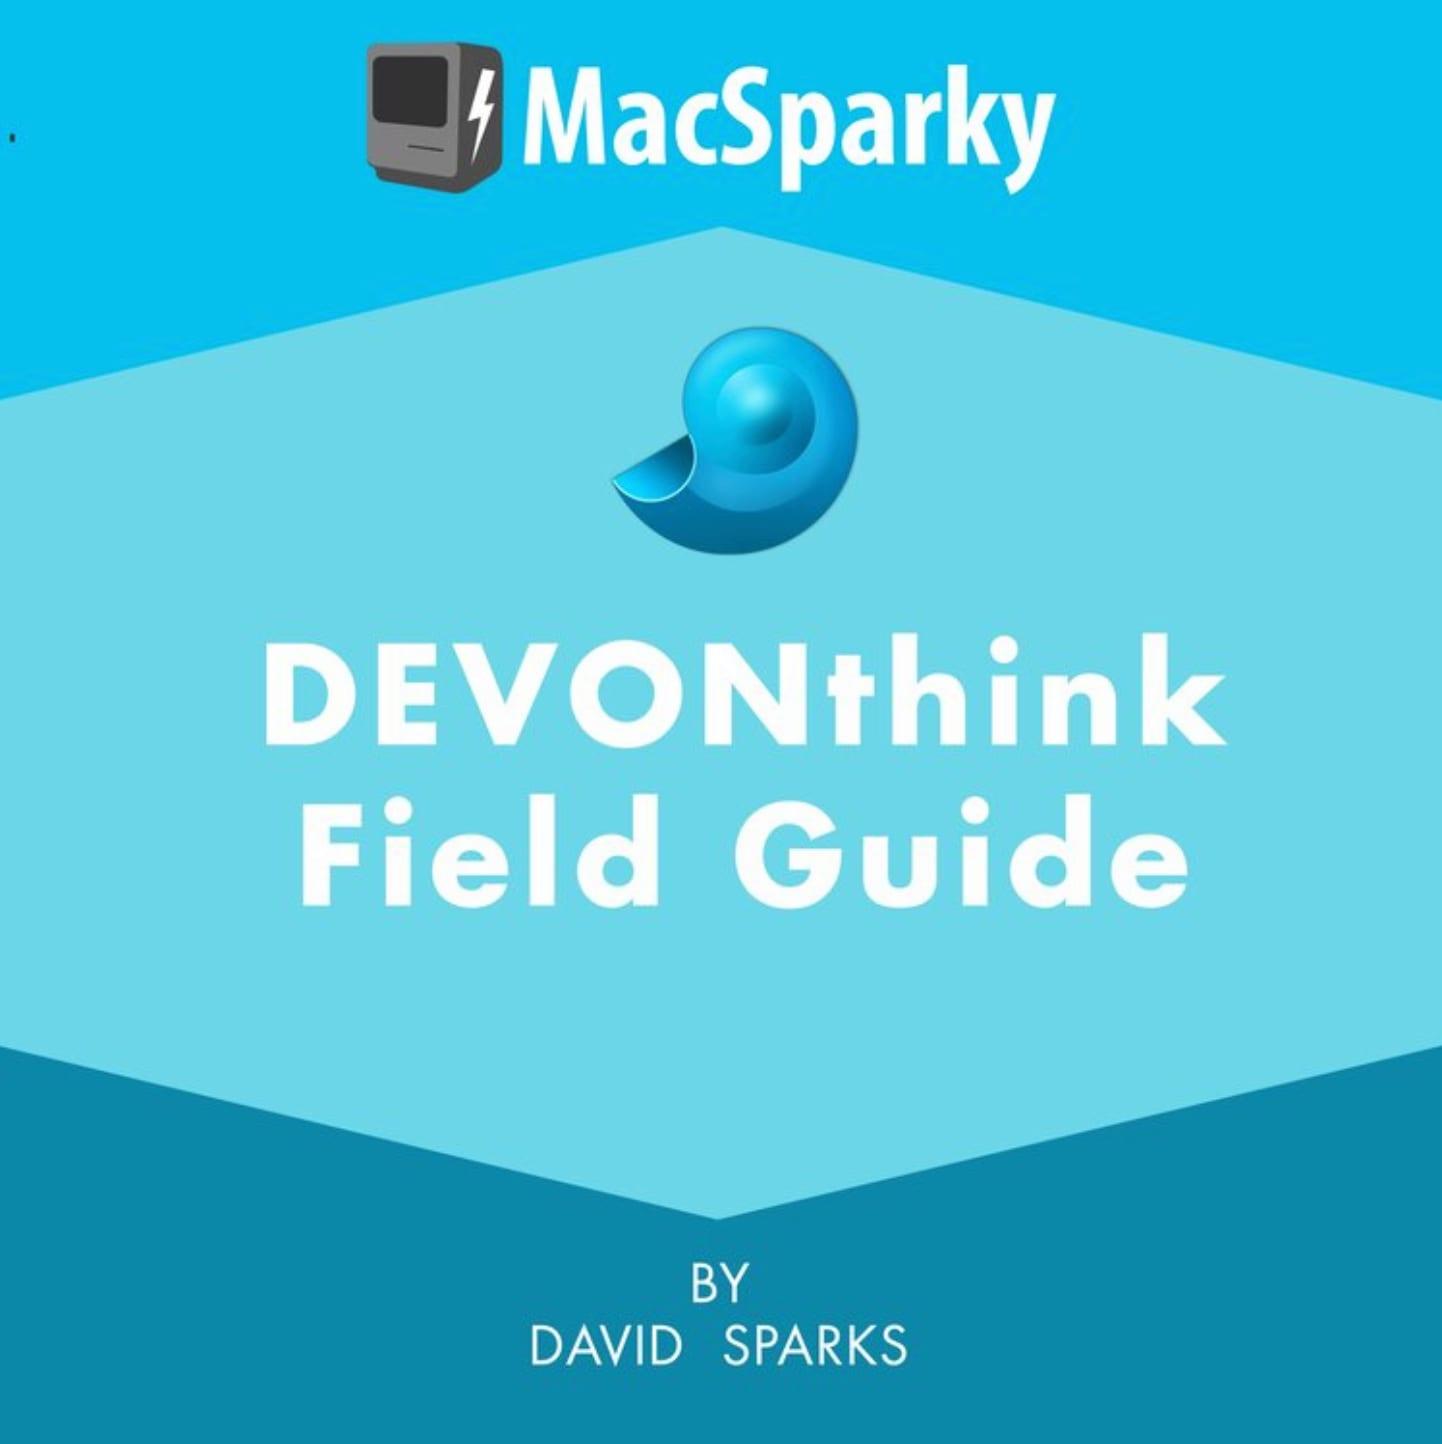 Illustratives Bild für den MacSparky Field Guide.